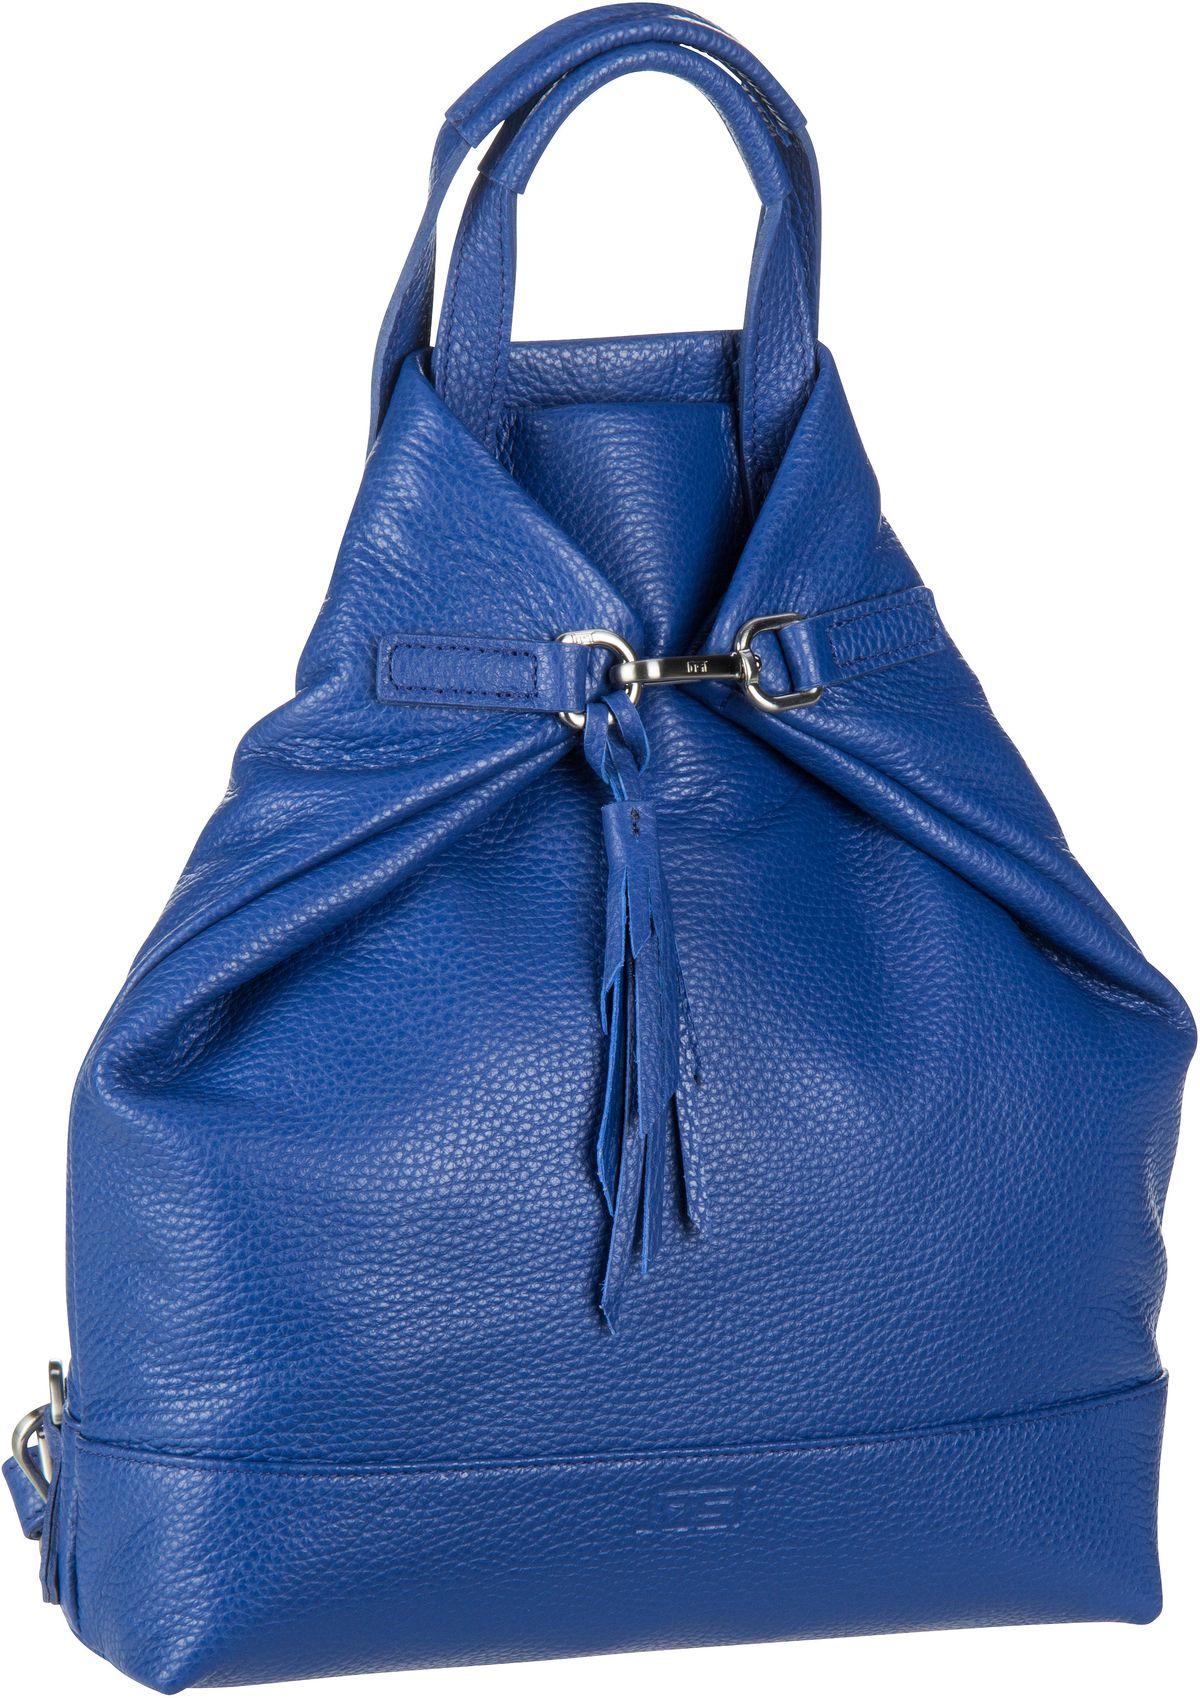 Rucksack / Daypack Vika 1963 X-Change Bag XS Royalblue